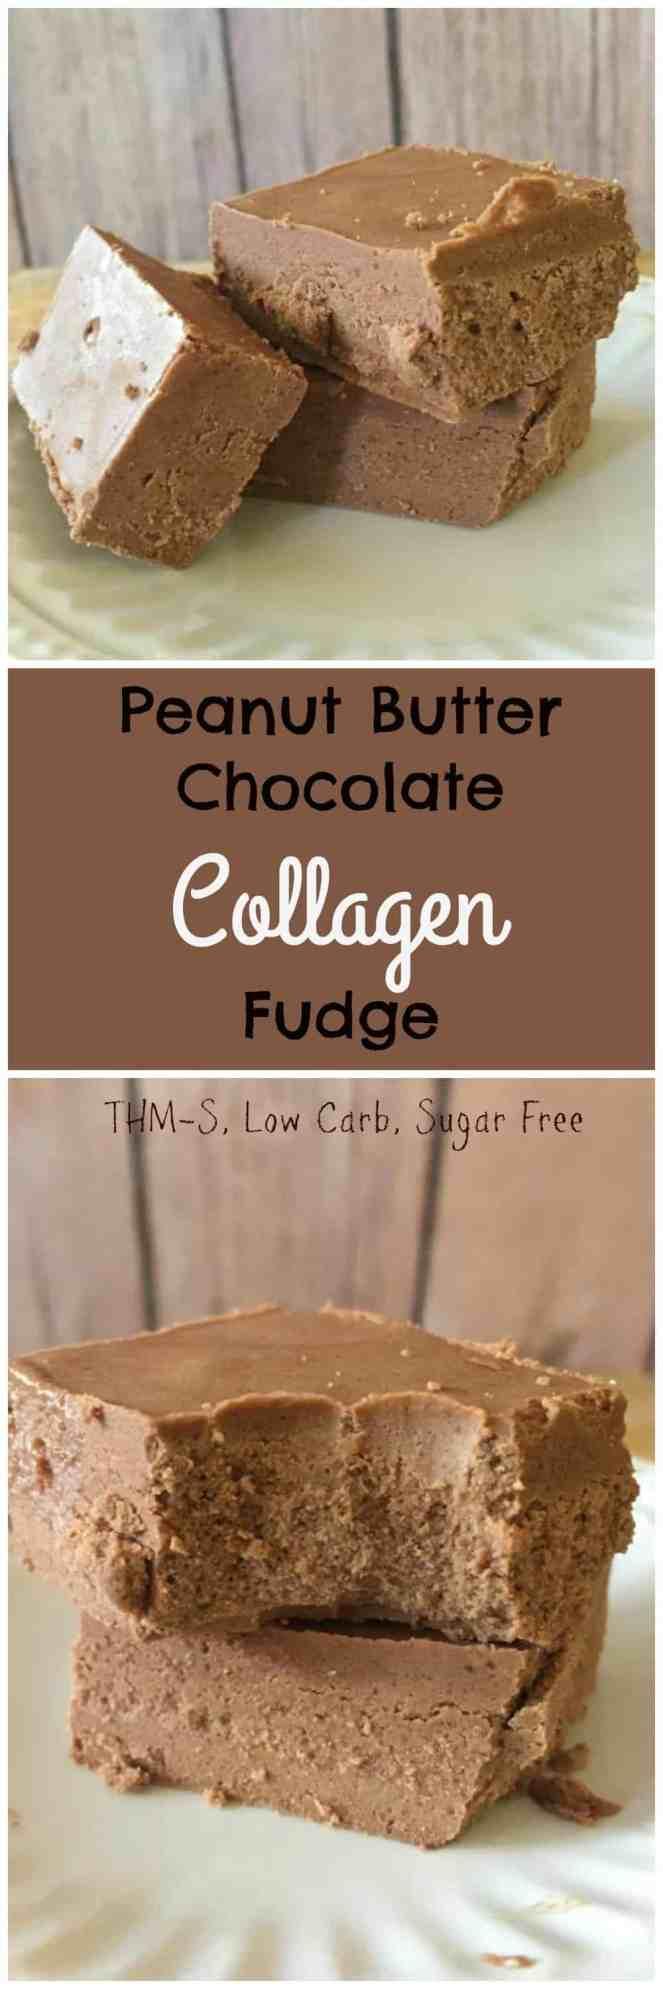 peanut-butter-chocolate-collagen-fudge